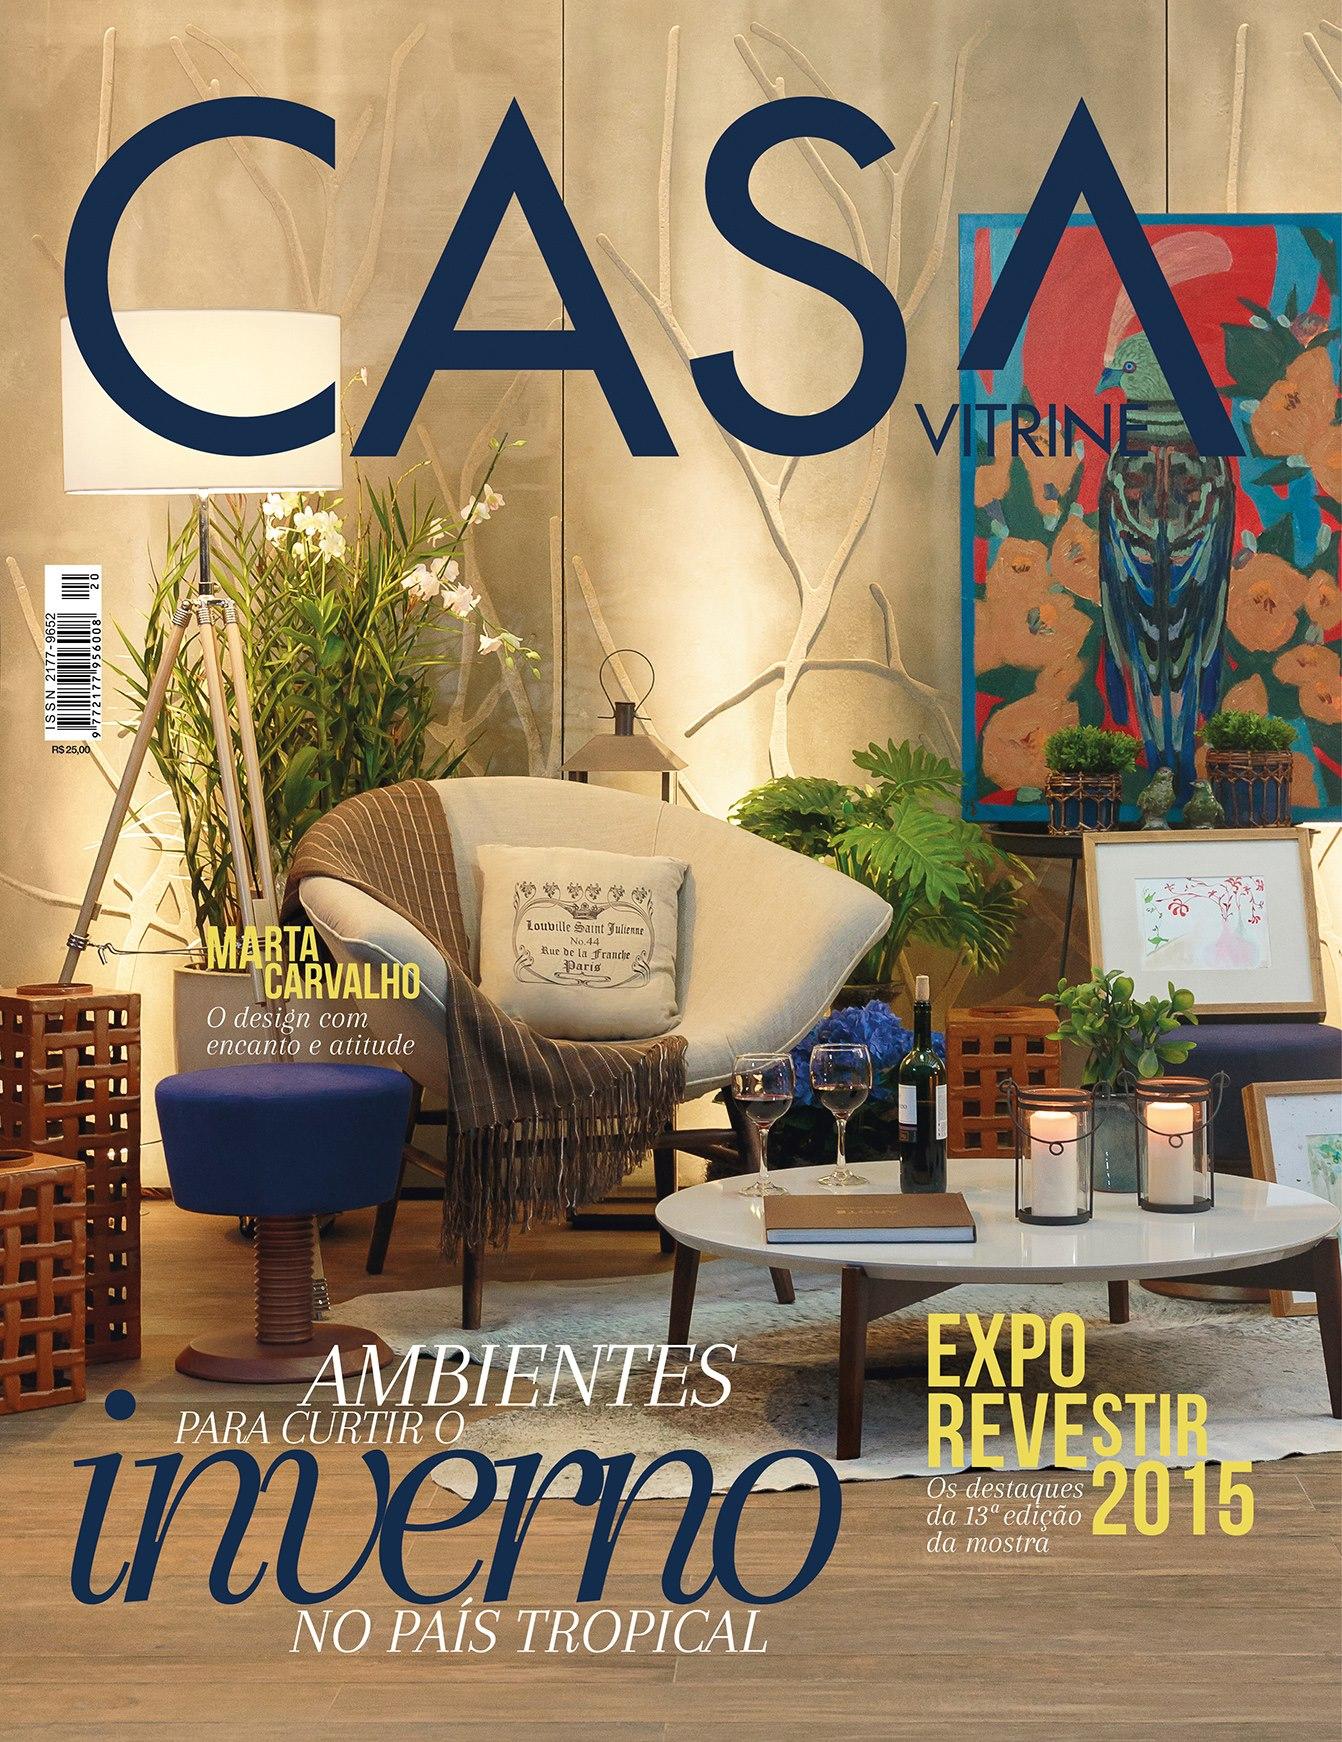 Capa - Casa Vitrine 2015